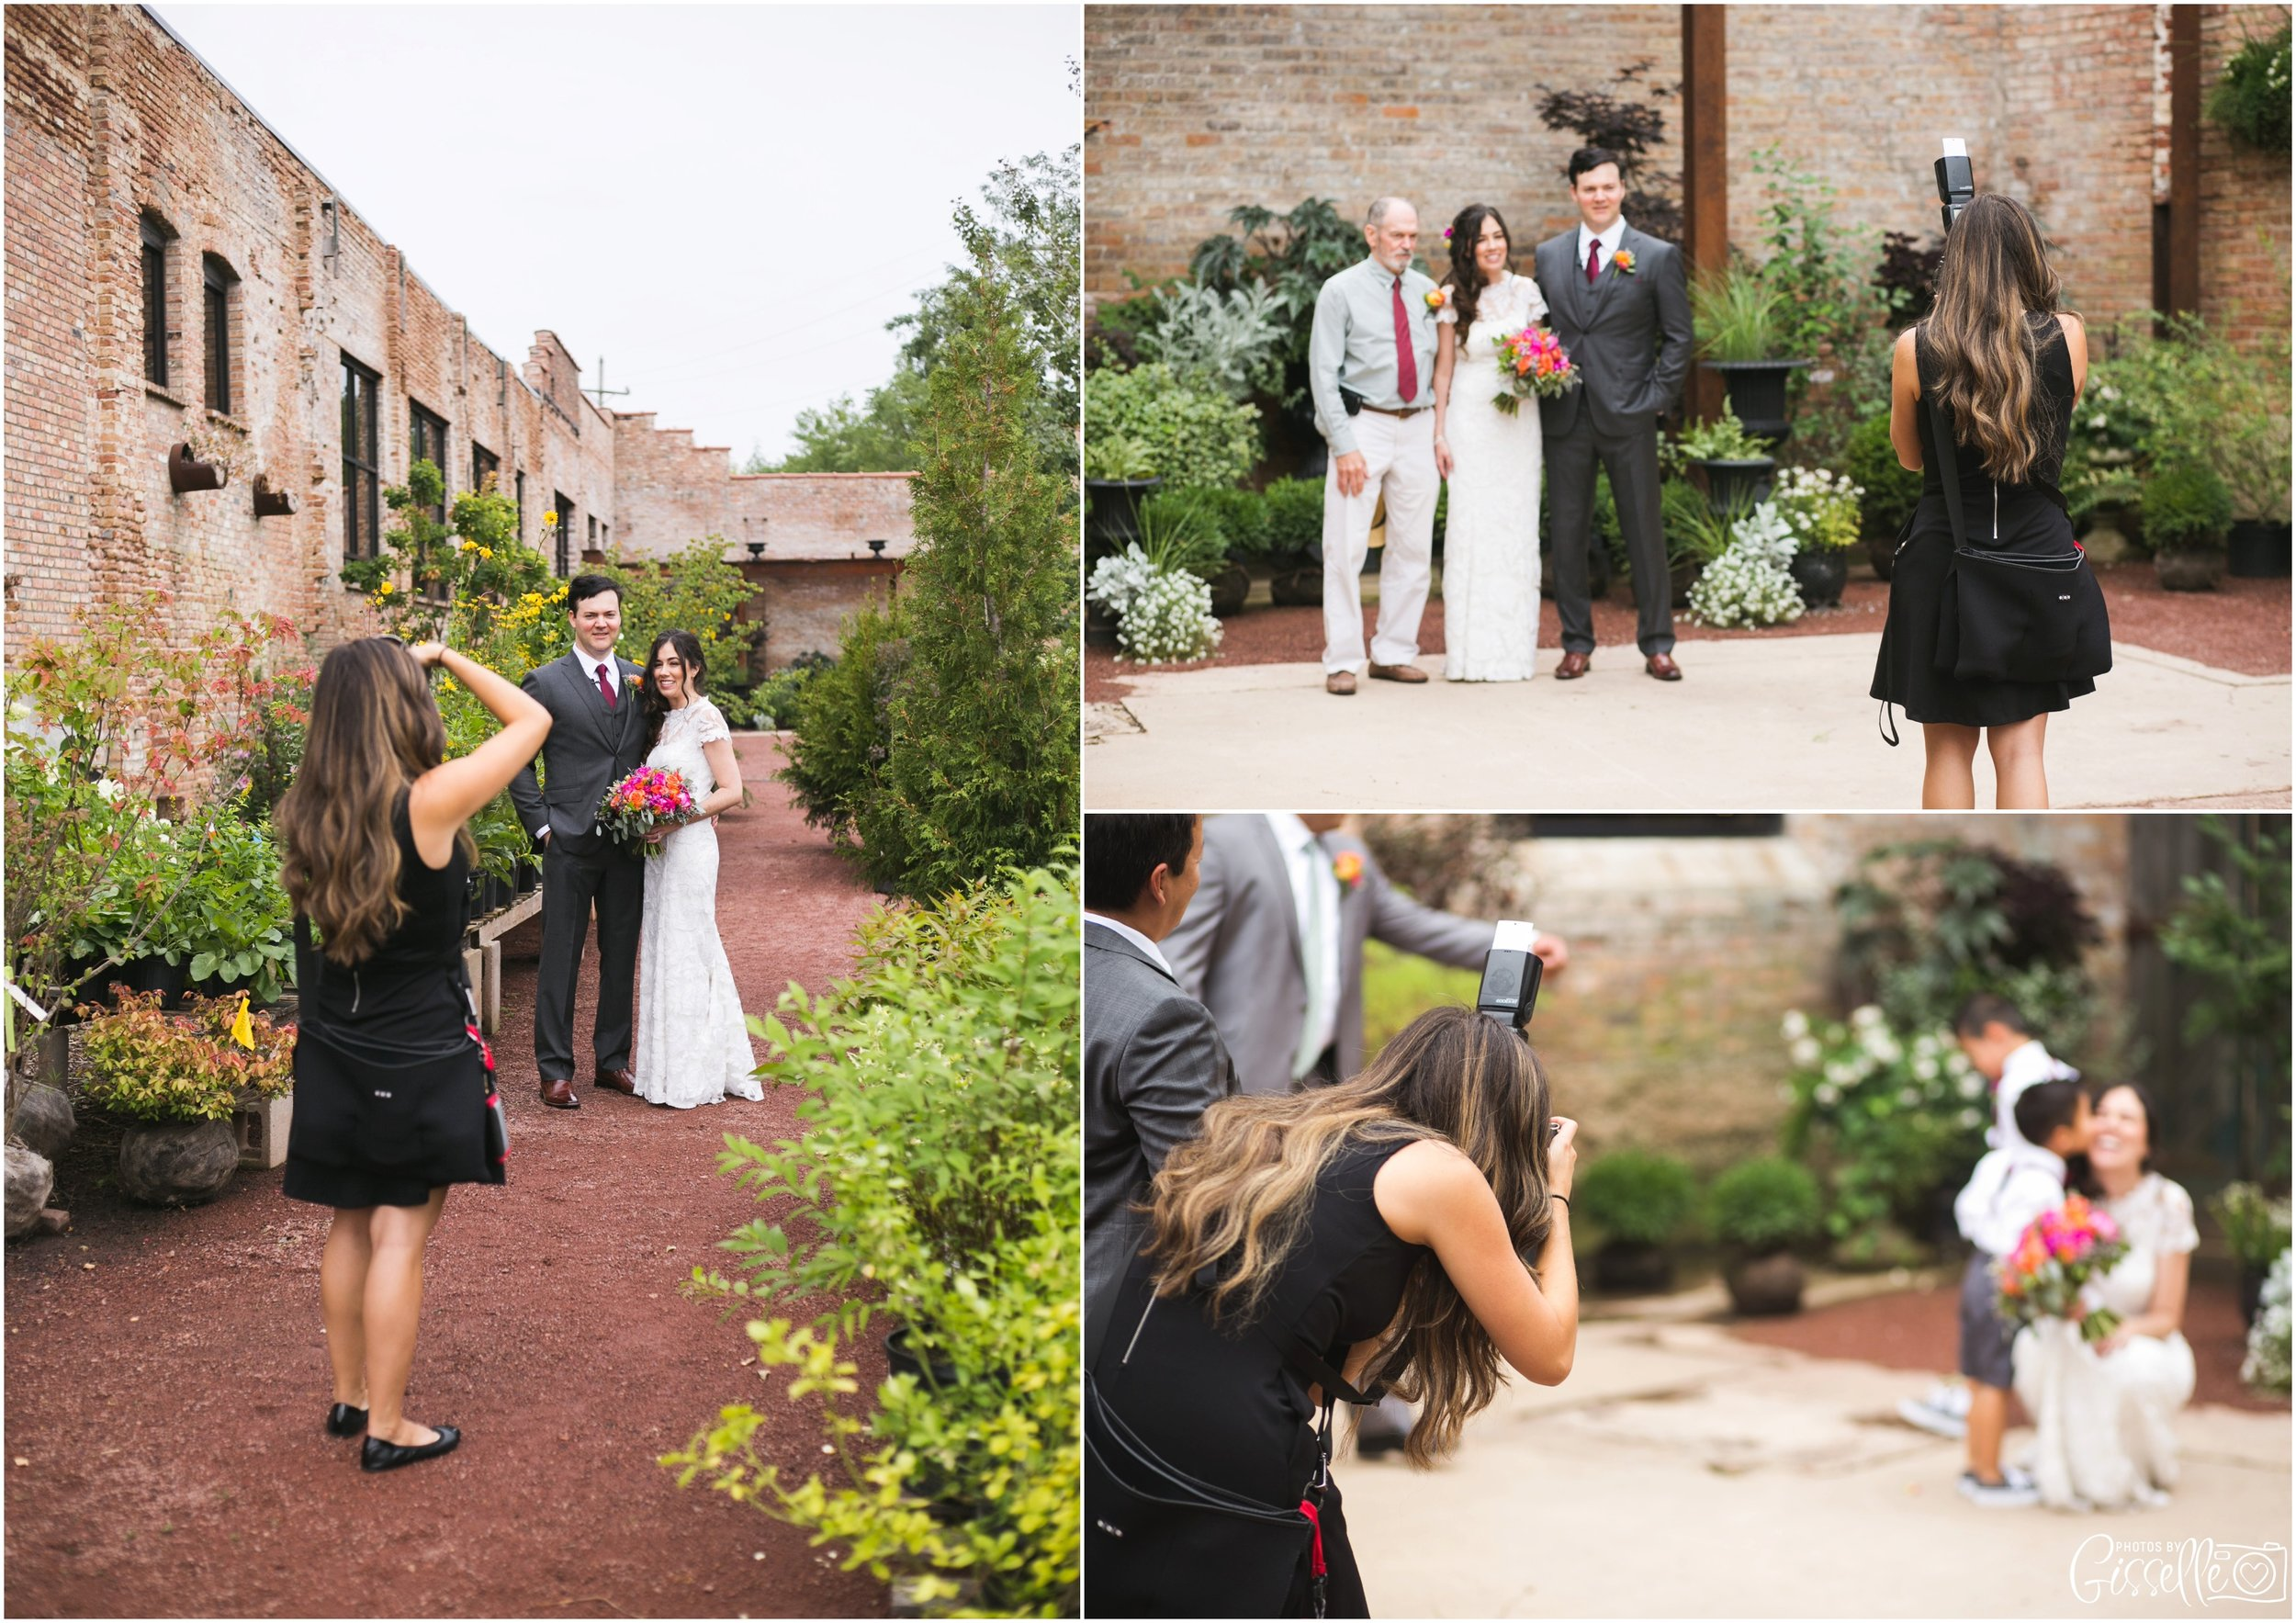 Blumen Gardens Wedding Photos_0023.jpg